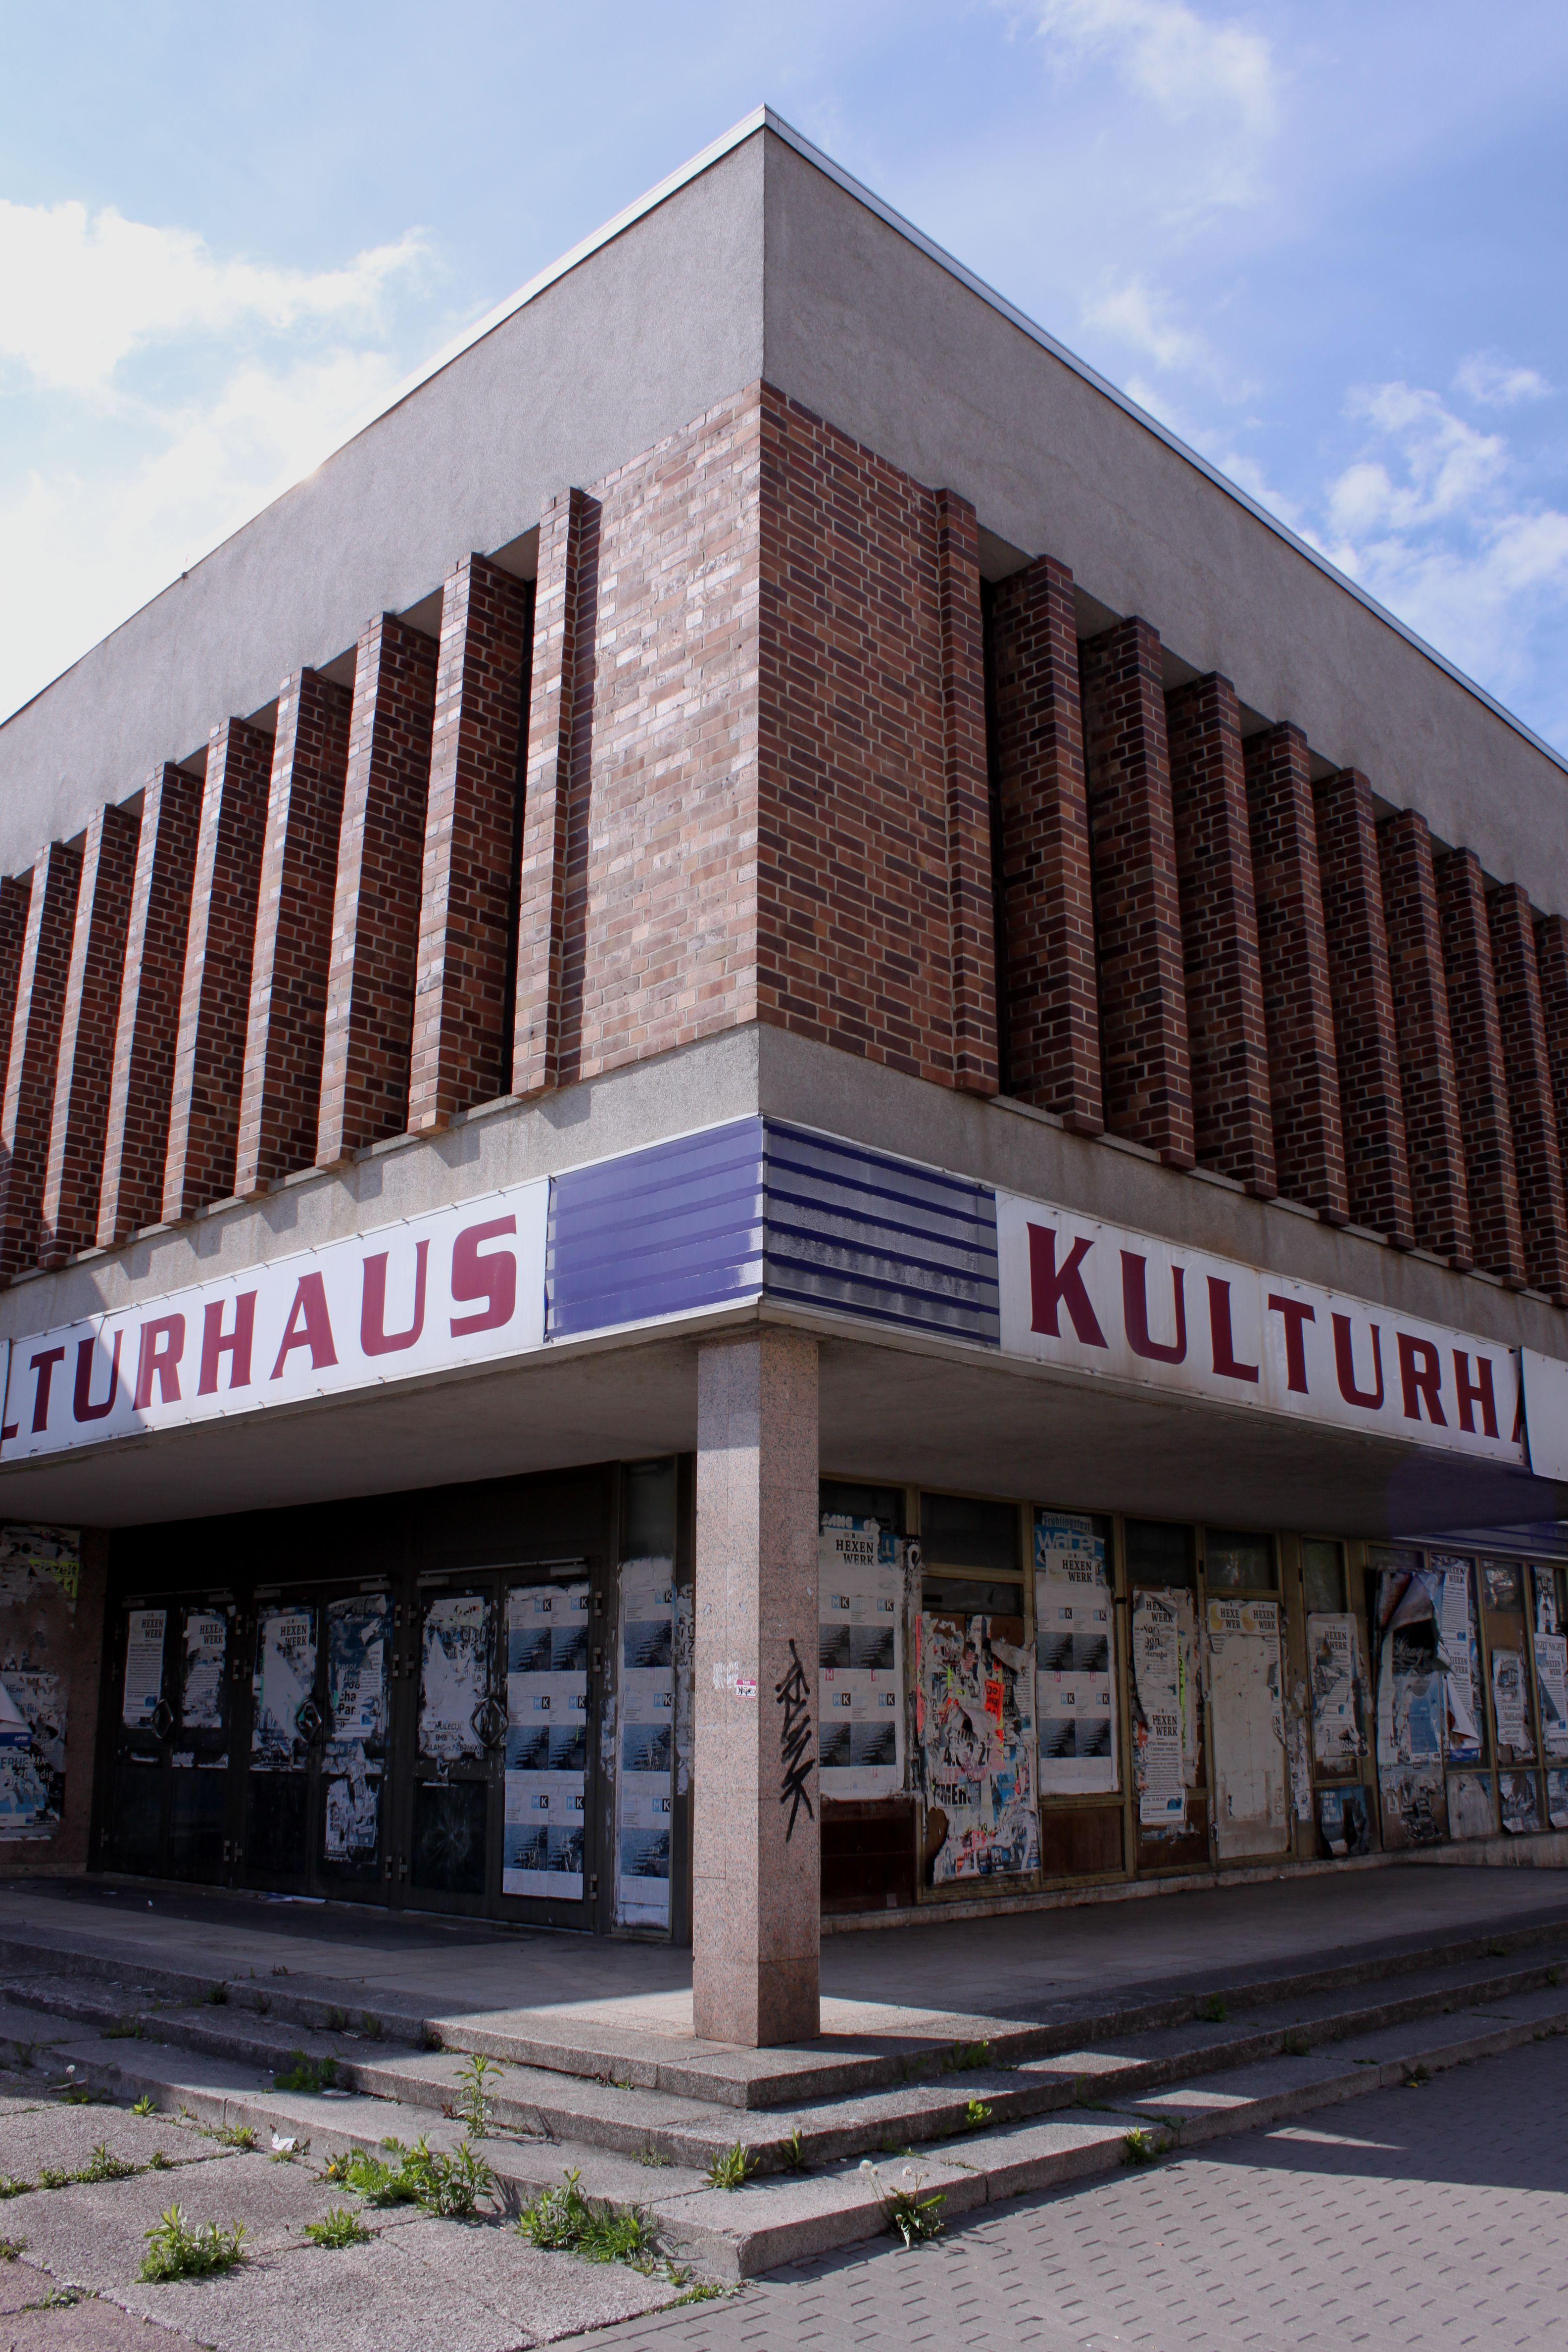 Das Kulturhaus in dem leider keinerlei Kultur mehr statt findet.